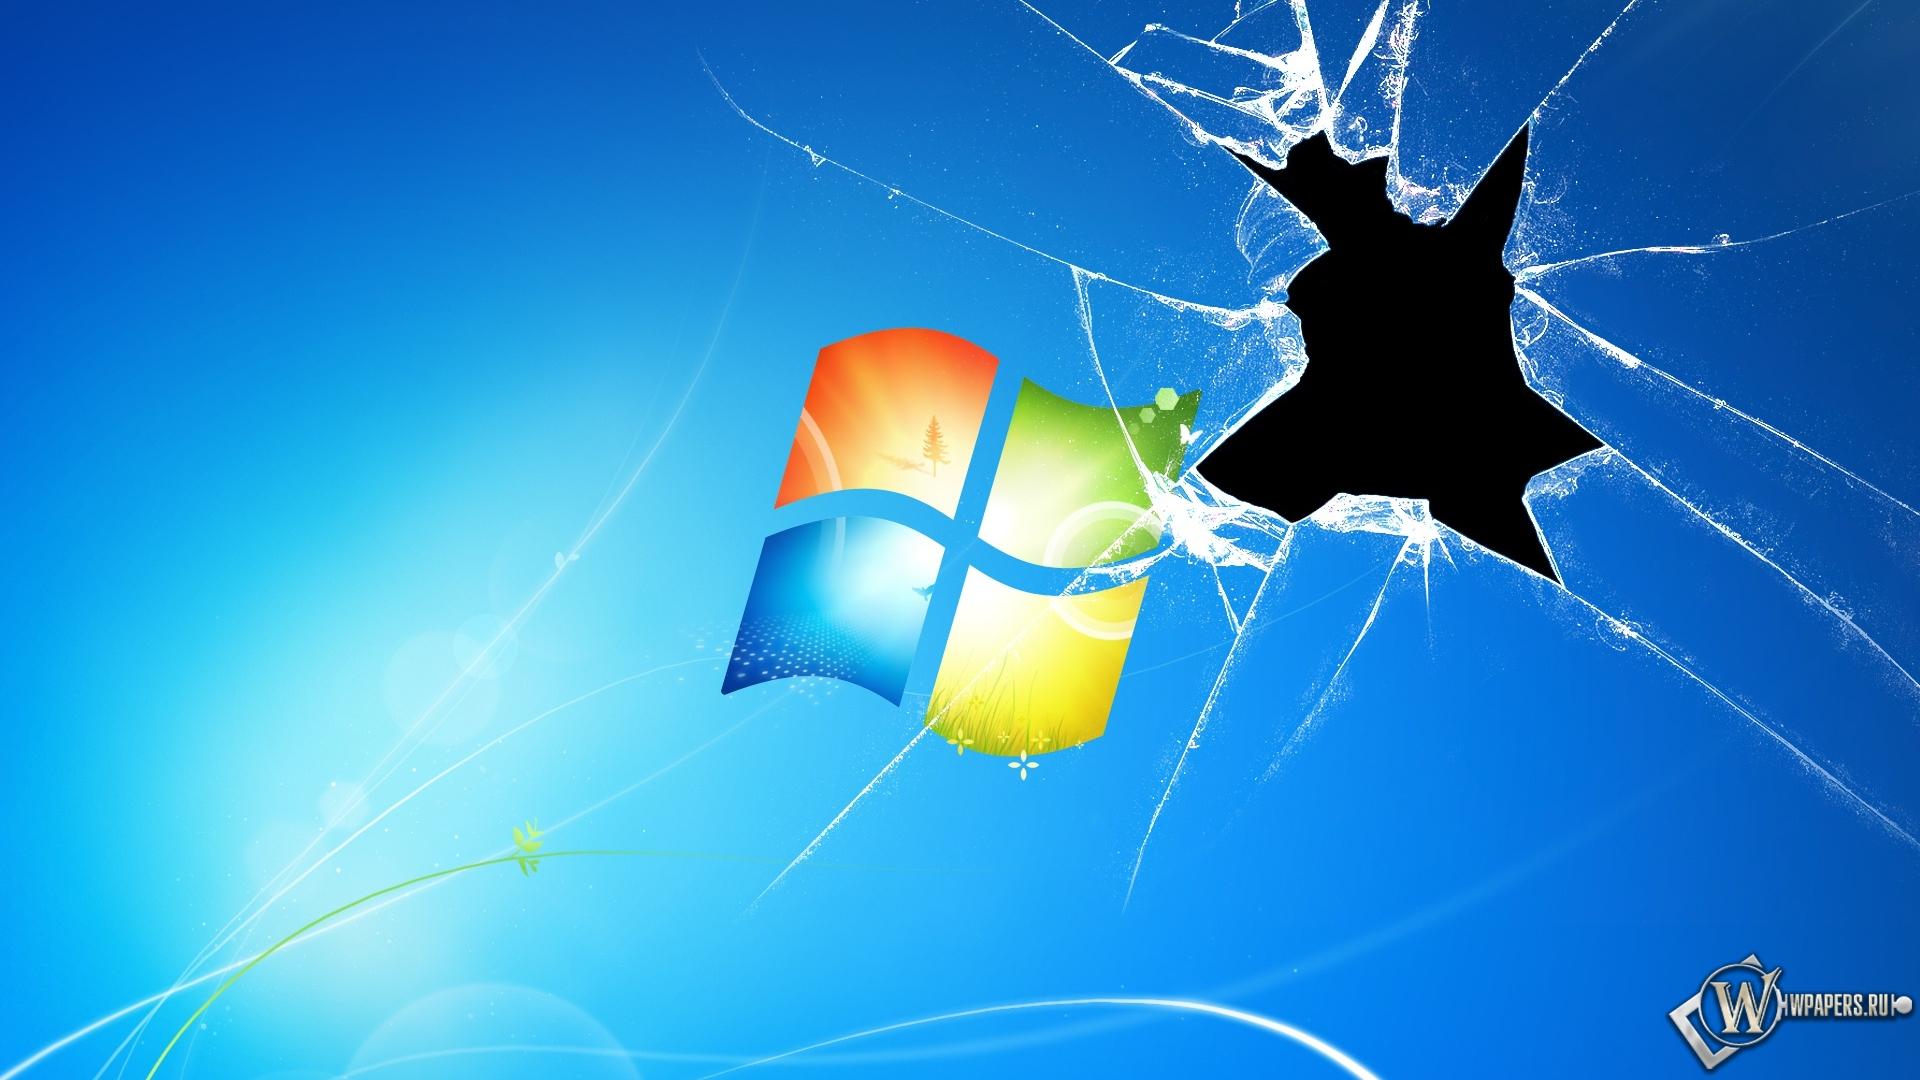 Разбитый экран скачать бесплатно на компьютер